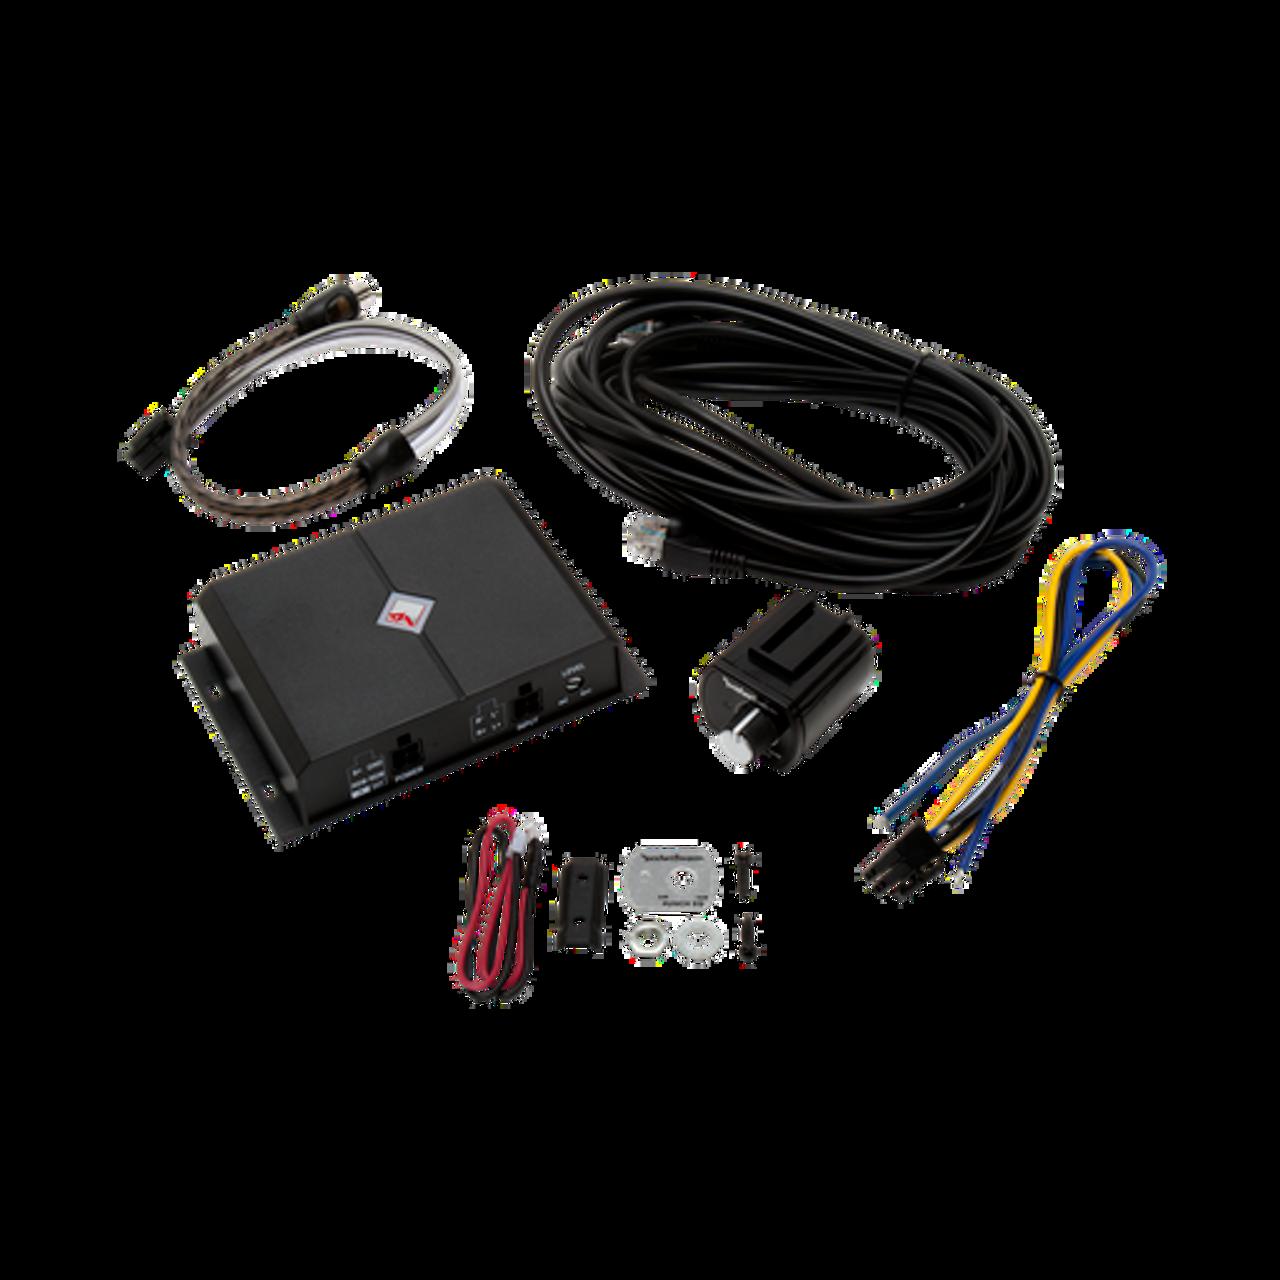 Rockford Fosgate Universal PEQ Remote & Line Driver